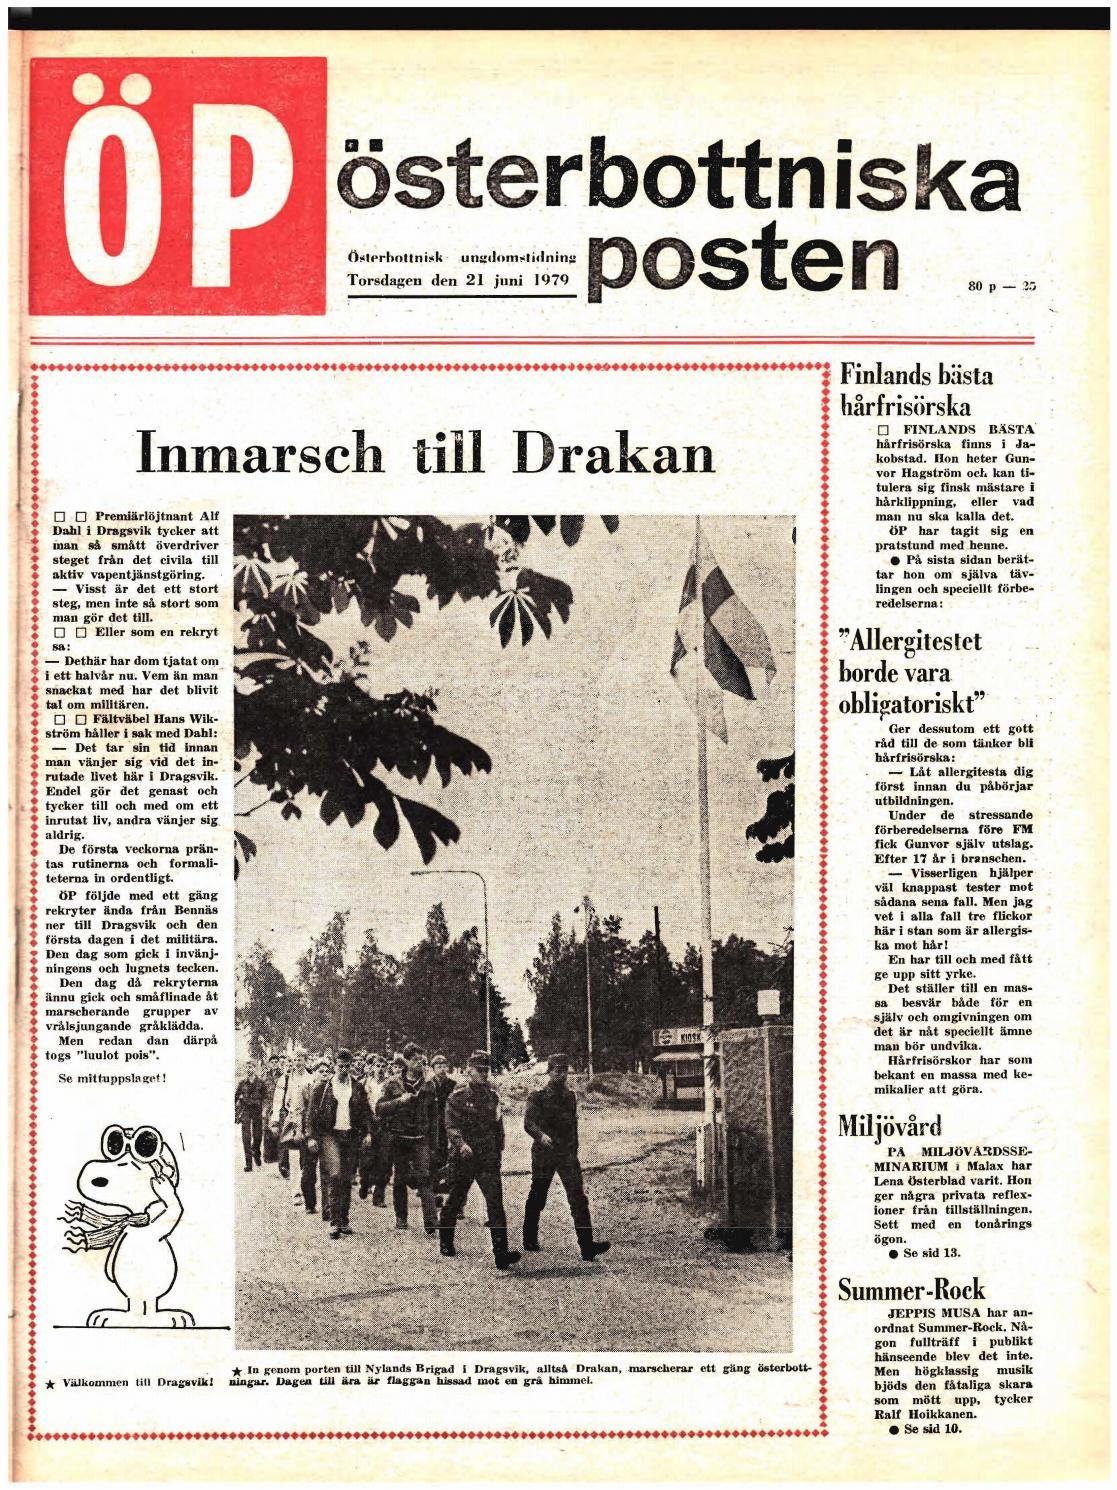 Österbottniska Posten (ÖP) nr. 25 1979 by Österbottniska Posten - issuu 363f6b6825098